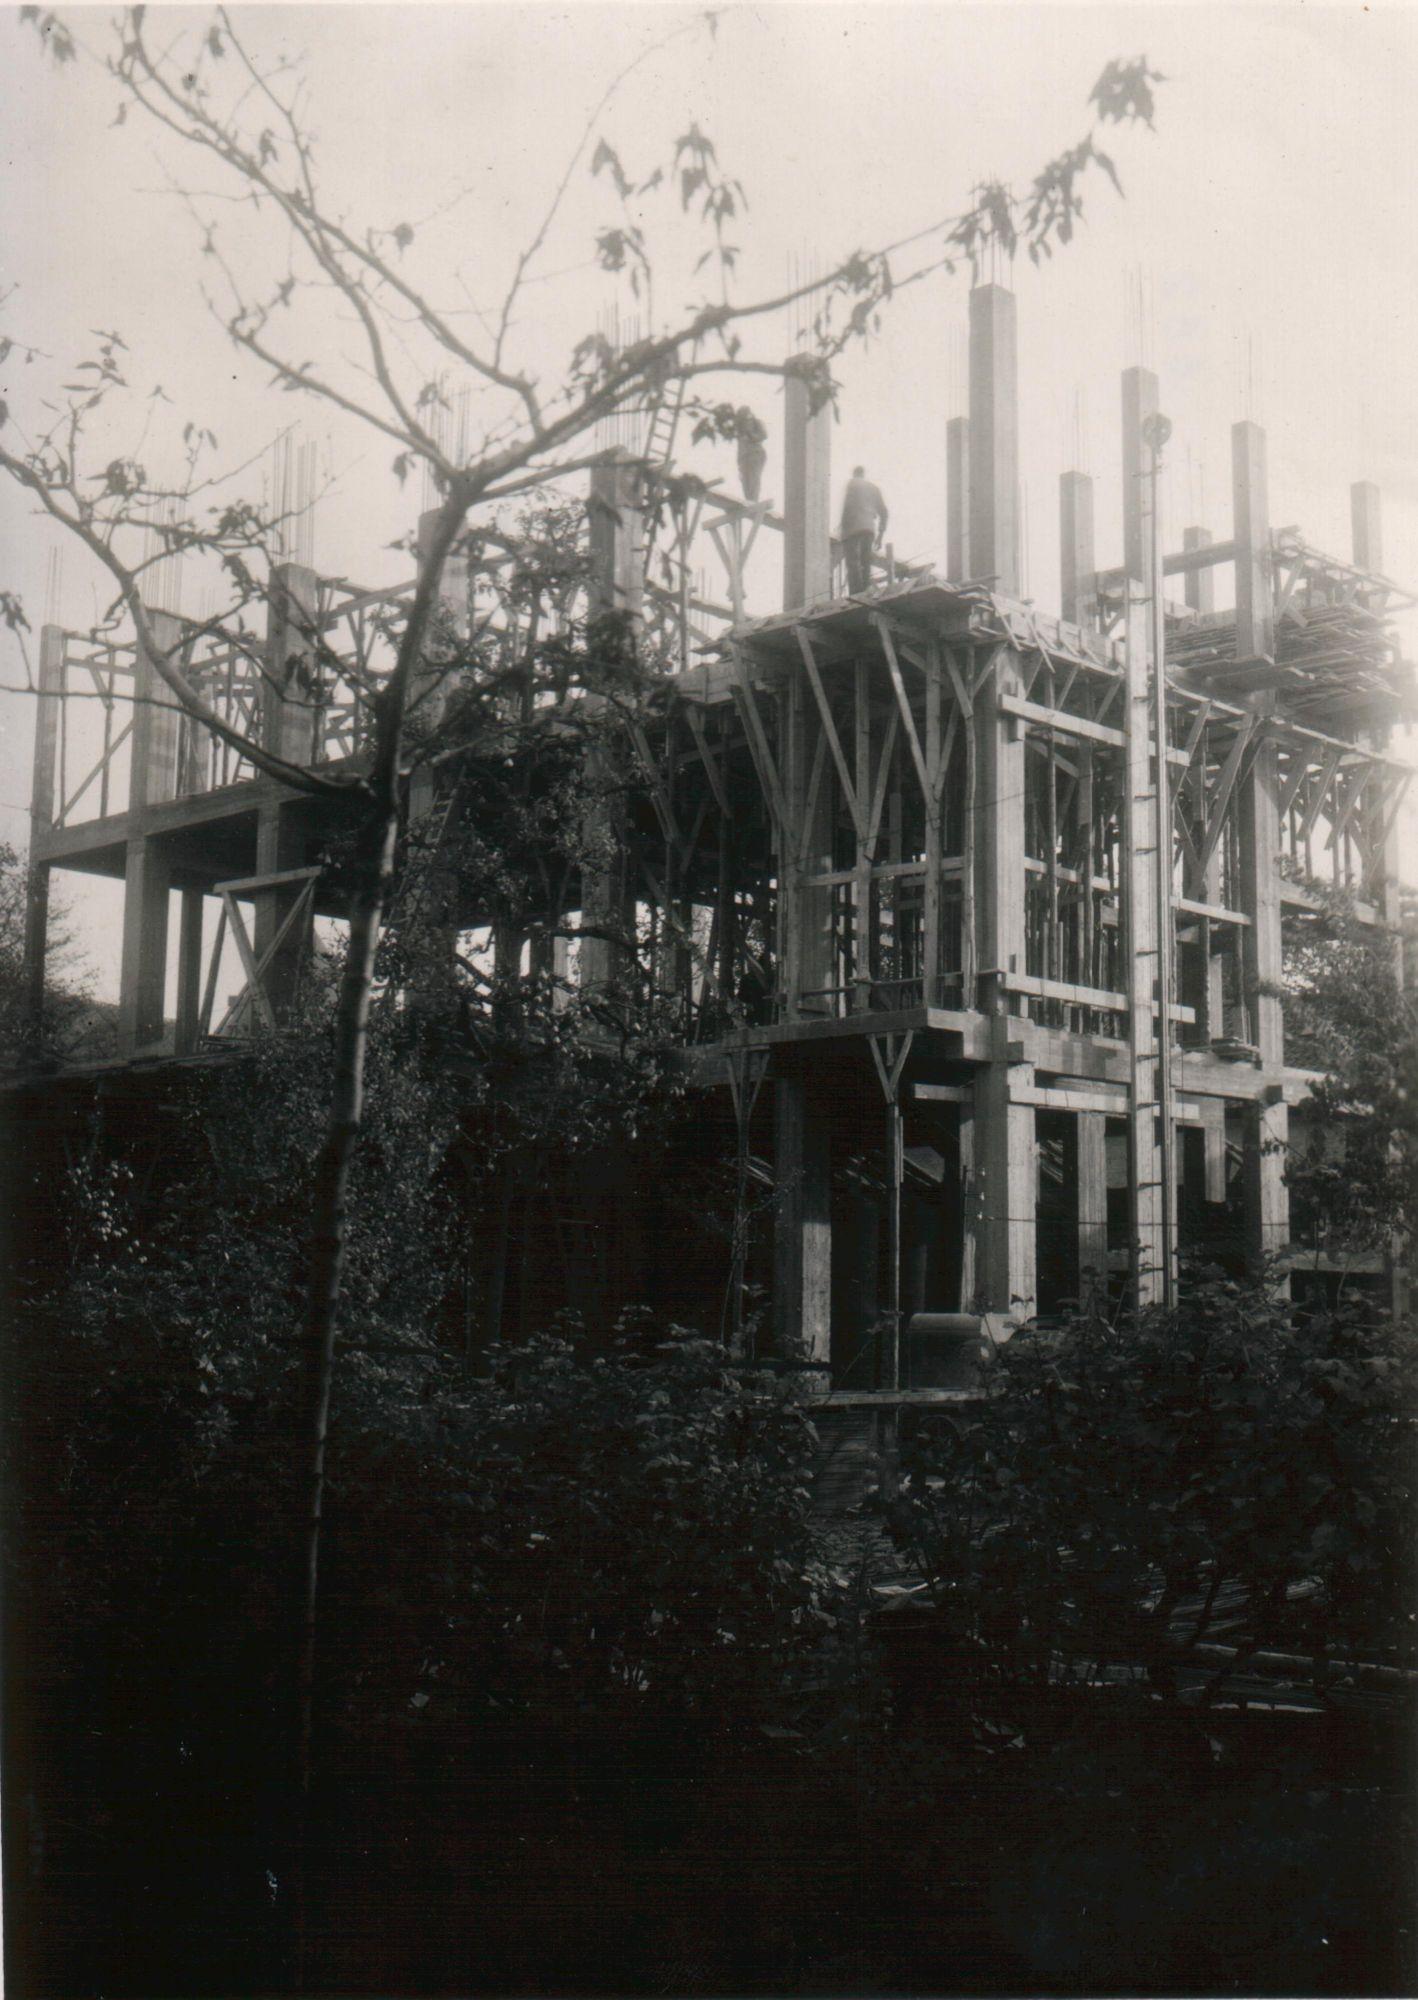 Tacktoren in opbouw 1947